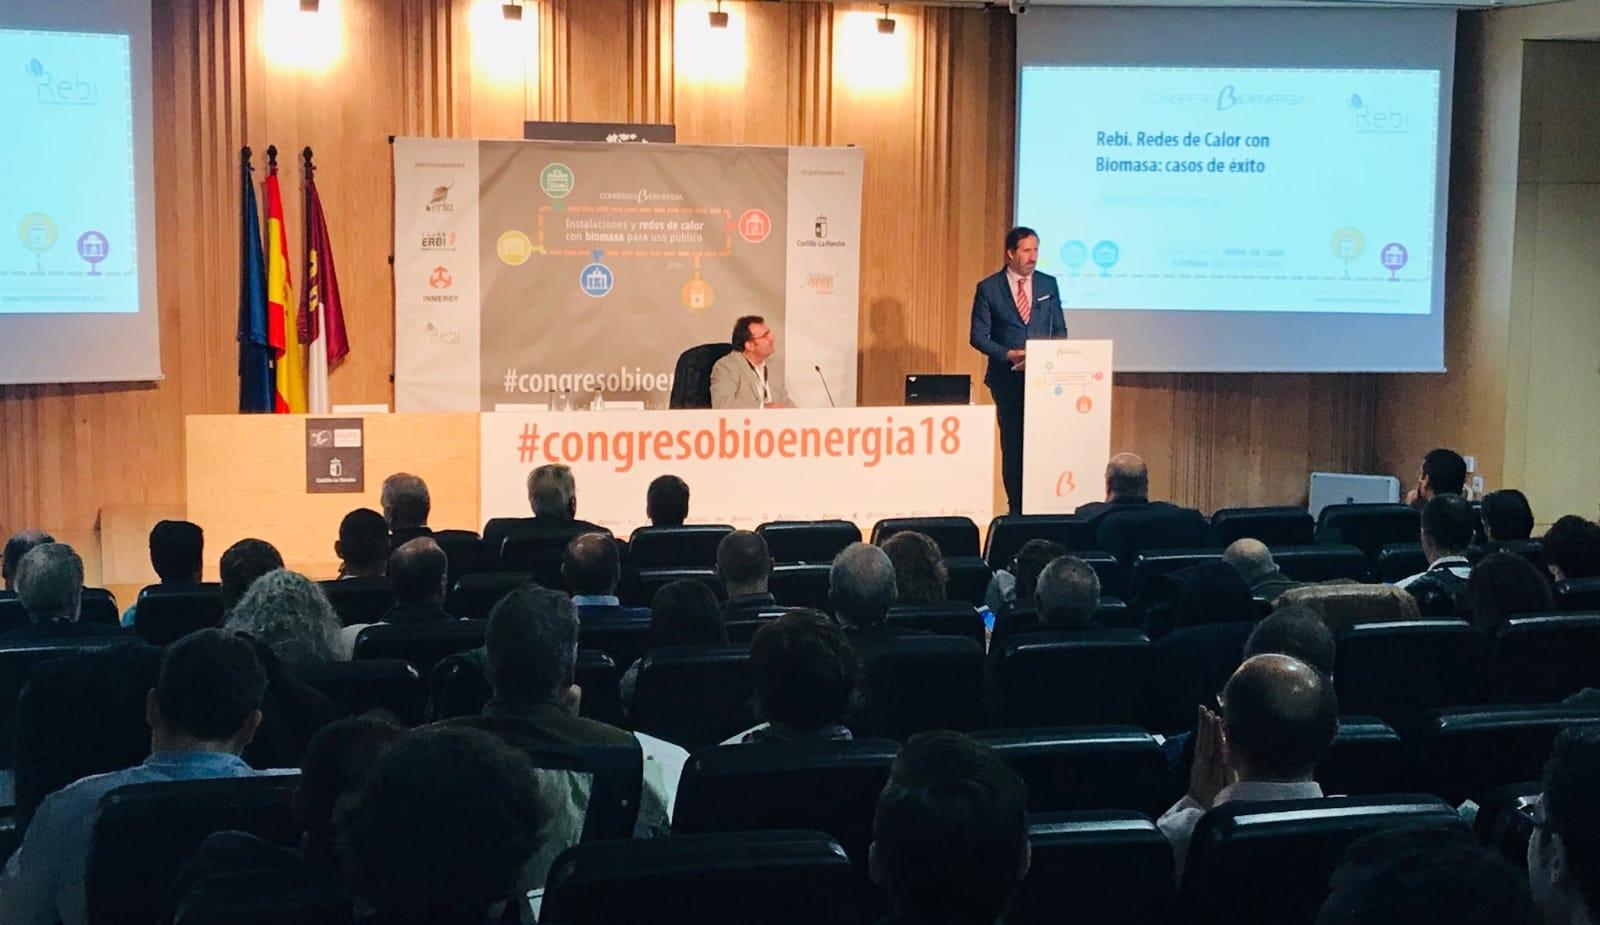 Rebi expone sus casos de éxito de Redes de Calor en el Congreso Nacional de Bionenergía celebrado en Cuenca